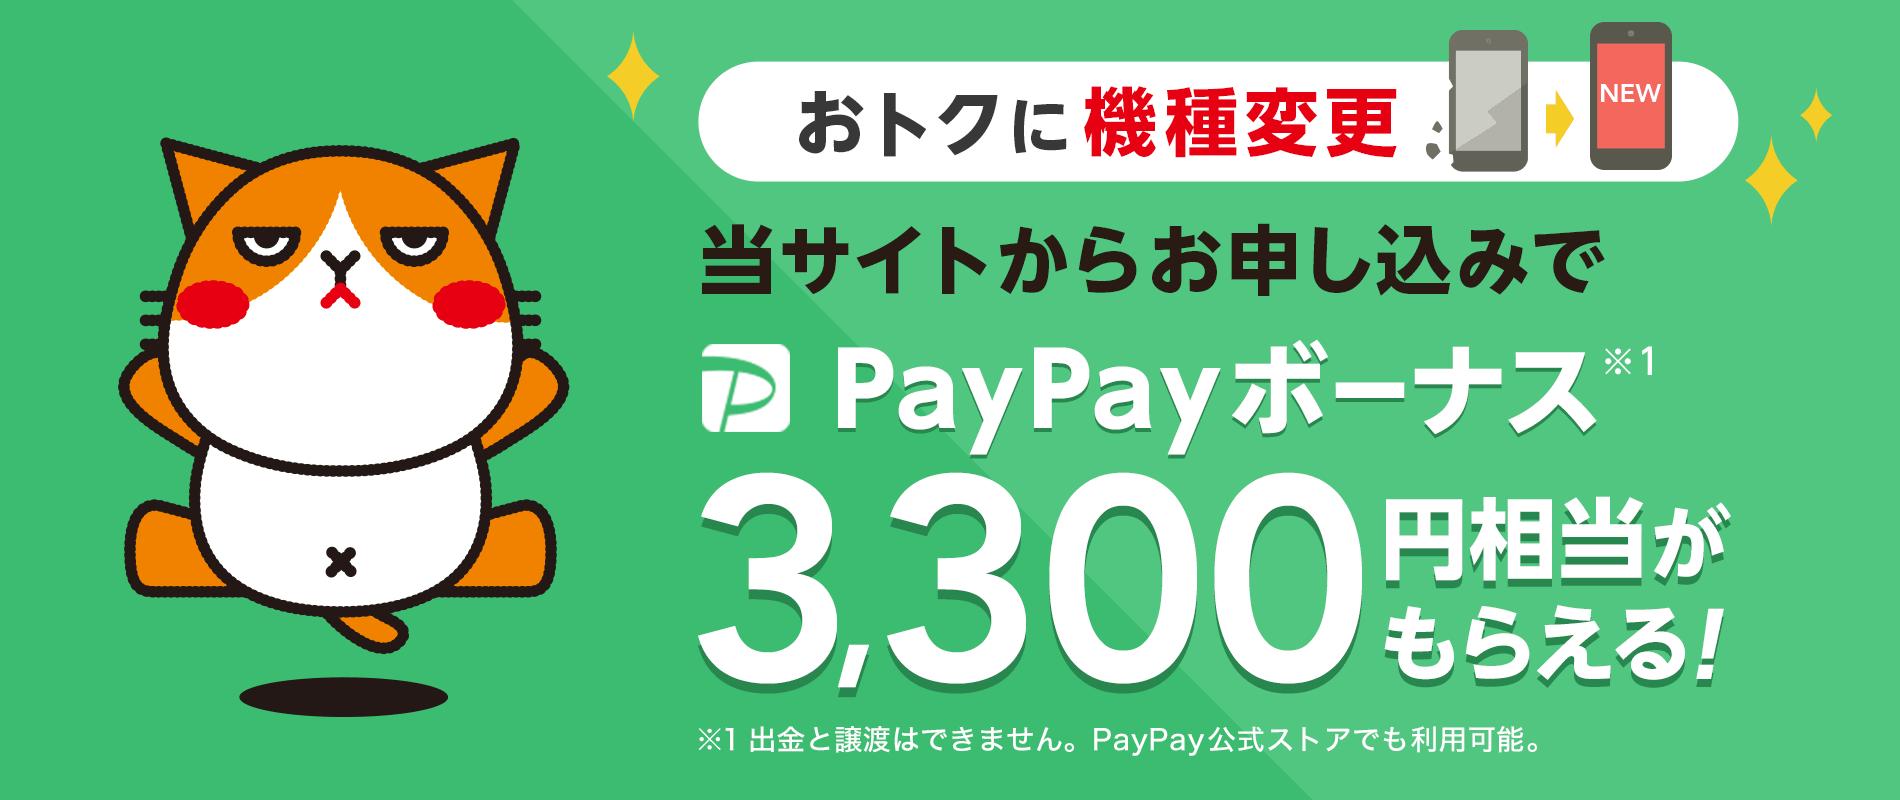 おトクに機種変更 当サイトからお申し込みで PayPayボーナス※1 3,300円相当がもらえる! ※1 出金と譲渡は不可。PayPay公式ストアでも利用可能。